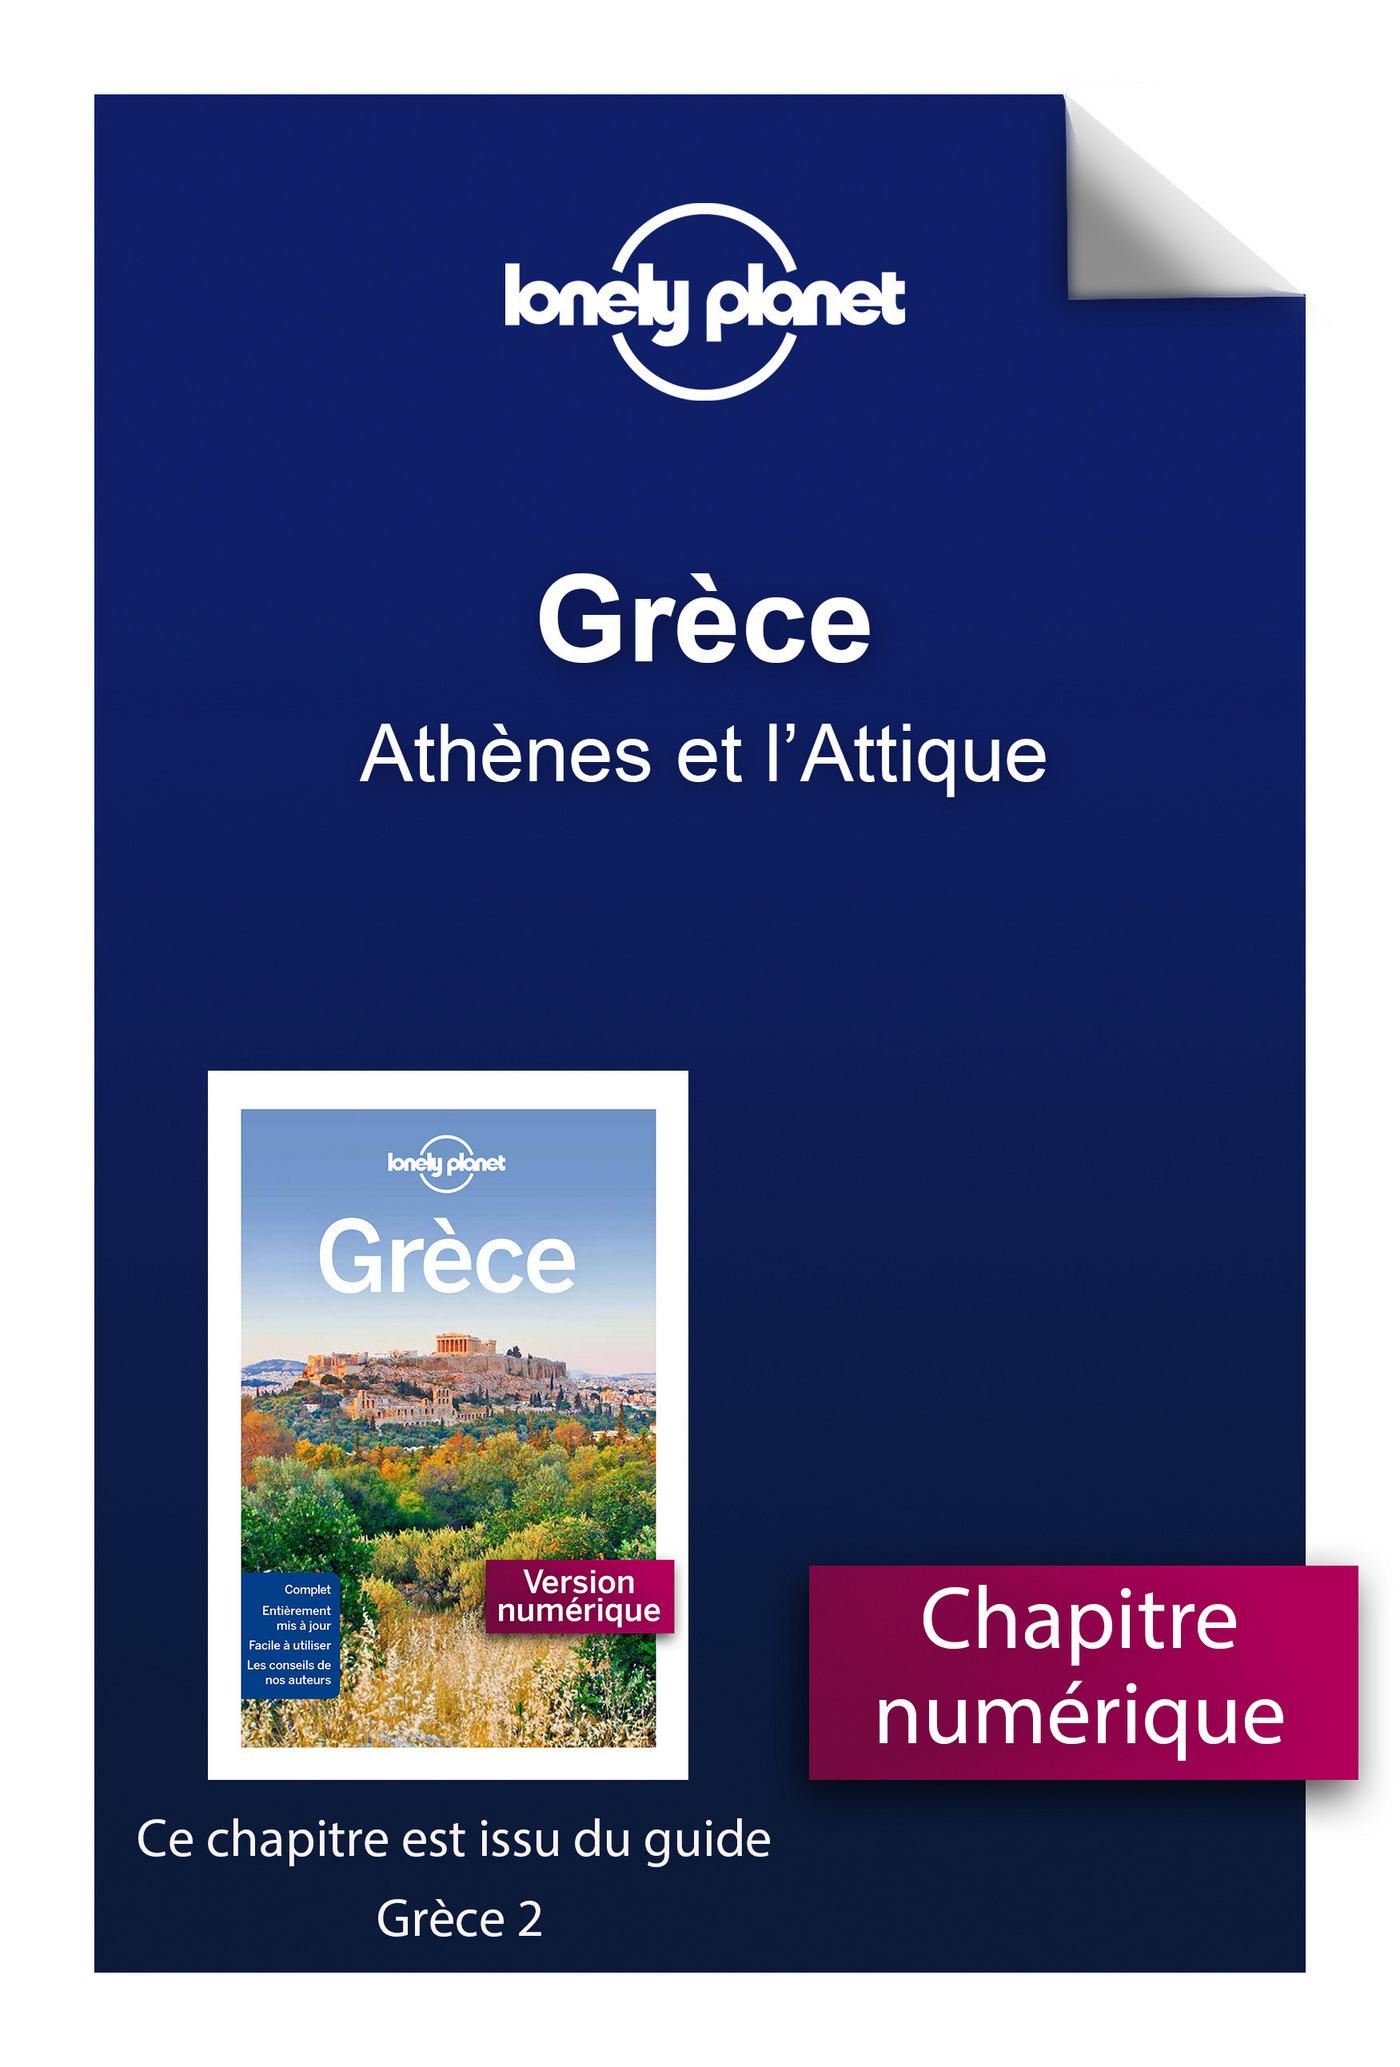 Grèce - Athènes et l'Attique